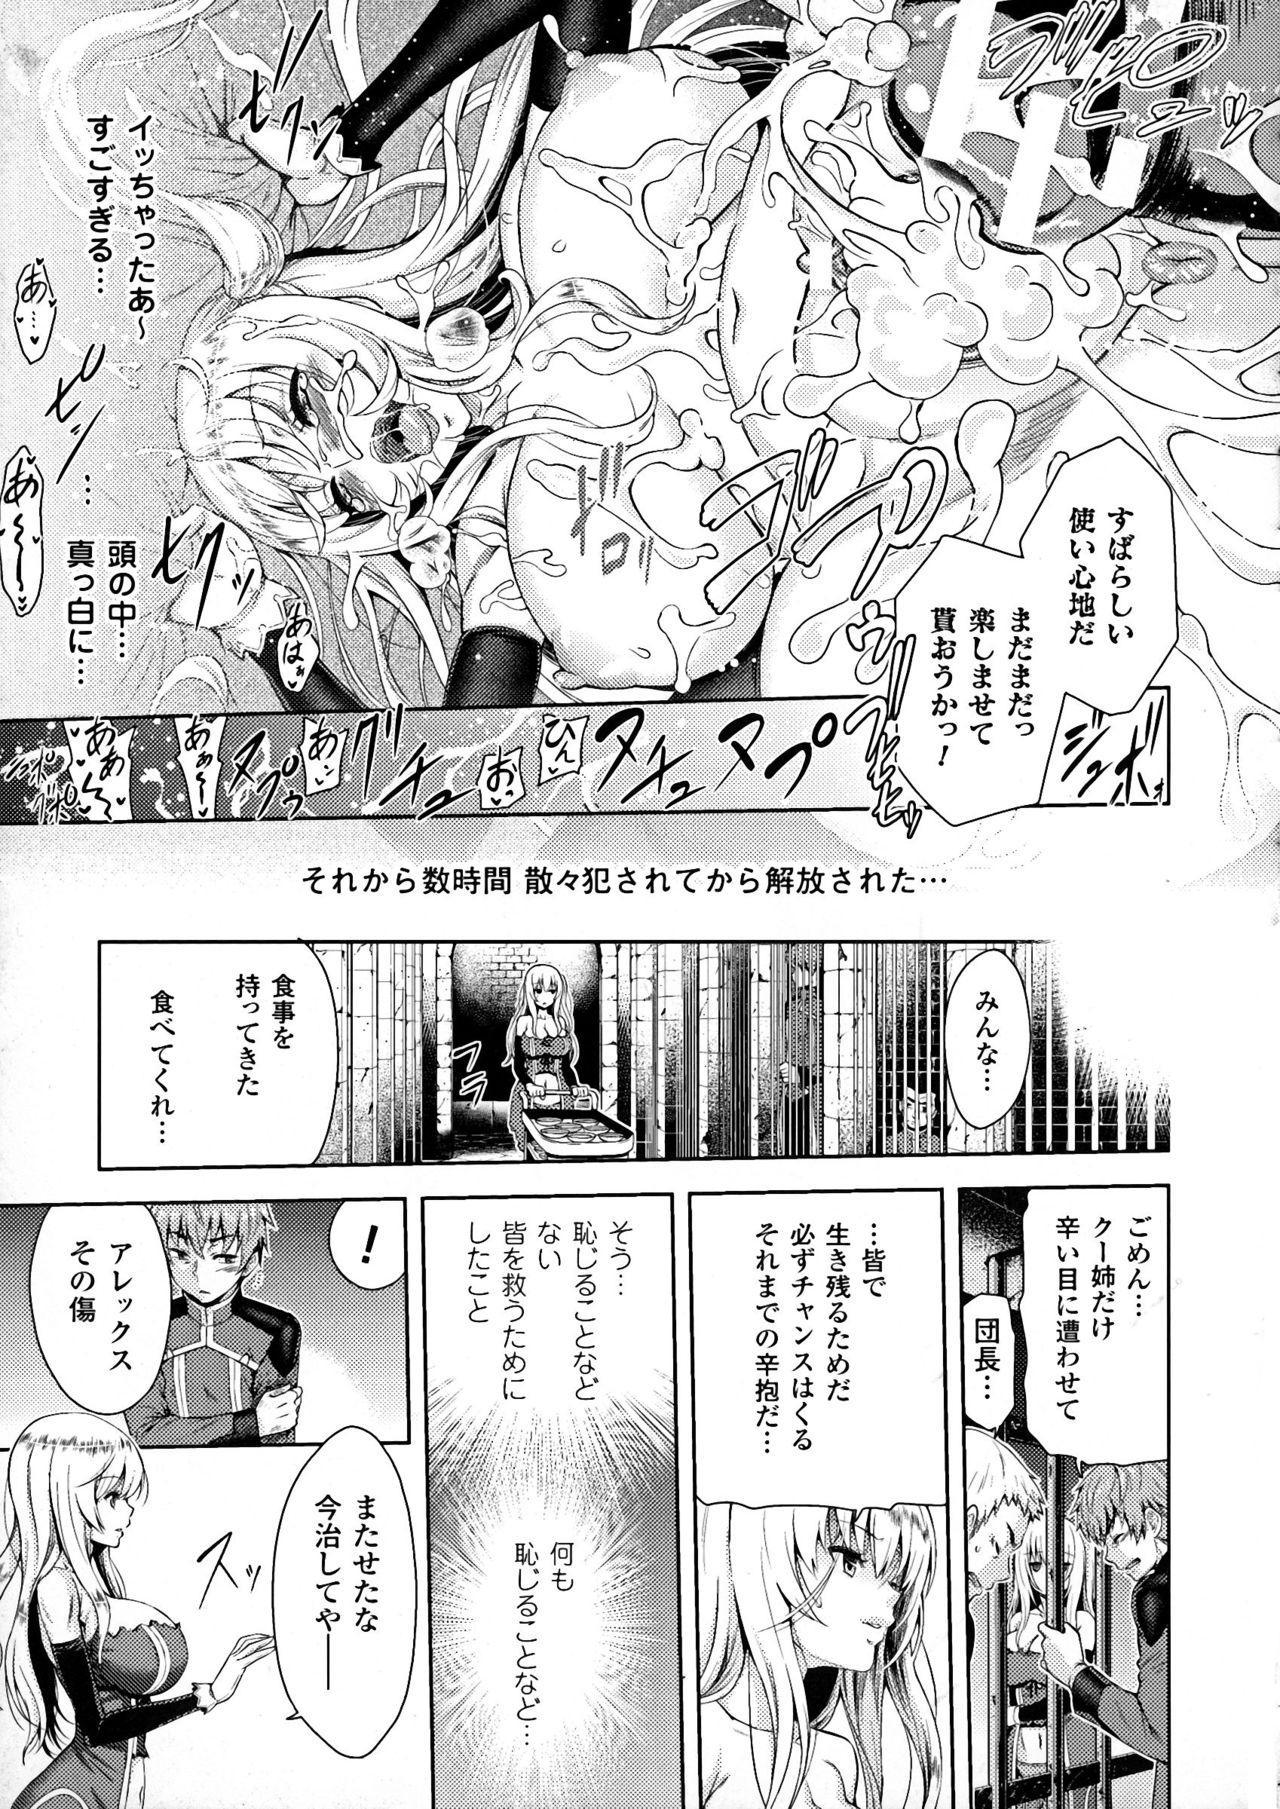 ERONA Orc no Inmon ni Okasareta Onna Kishi no Matsuro Ch. 1-6 22